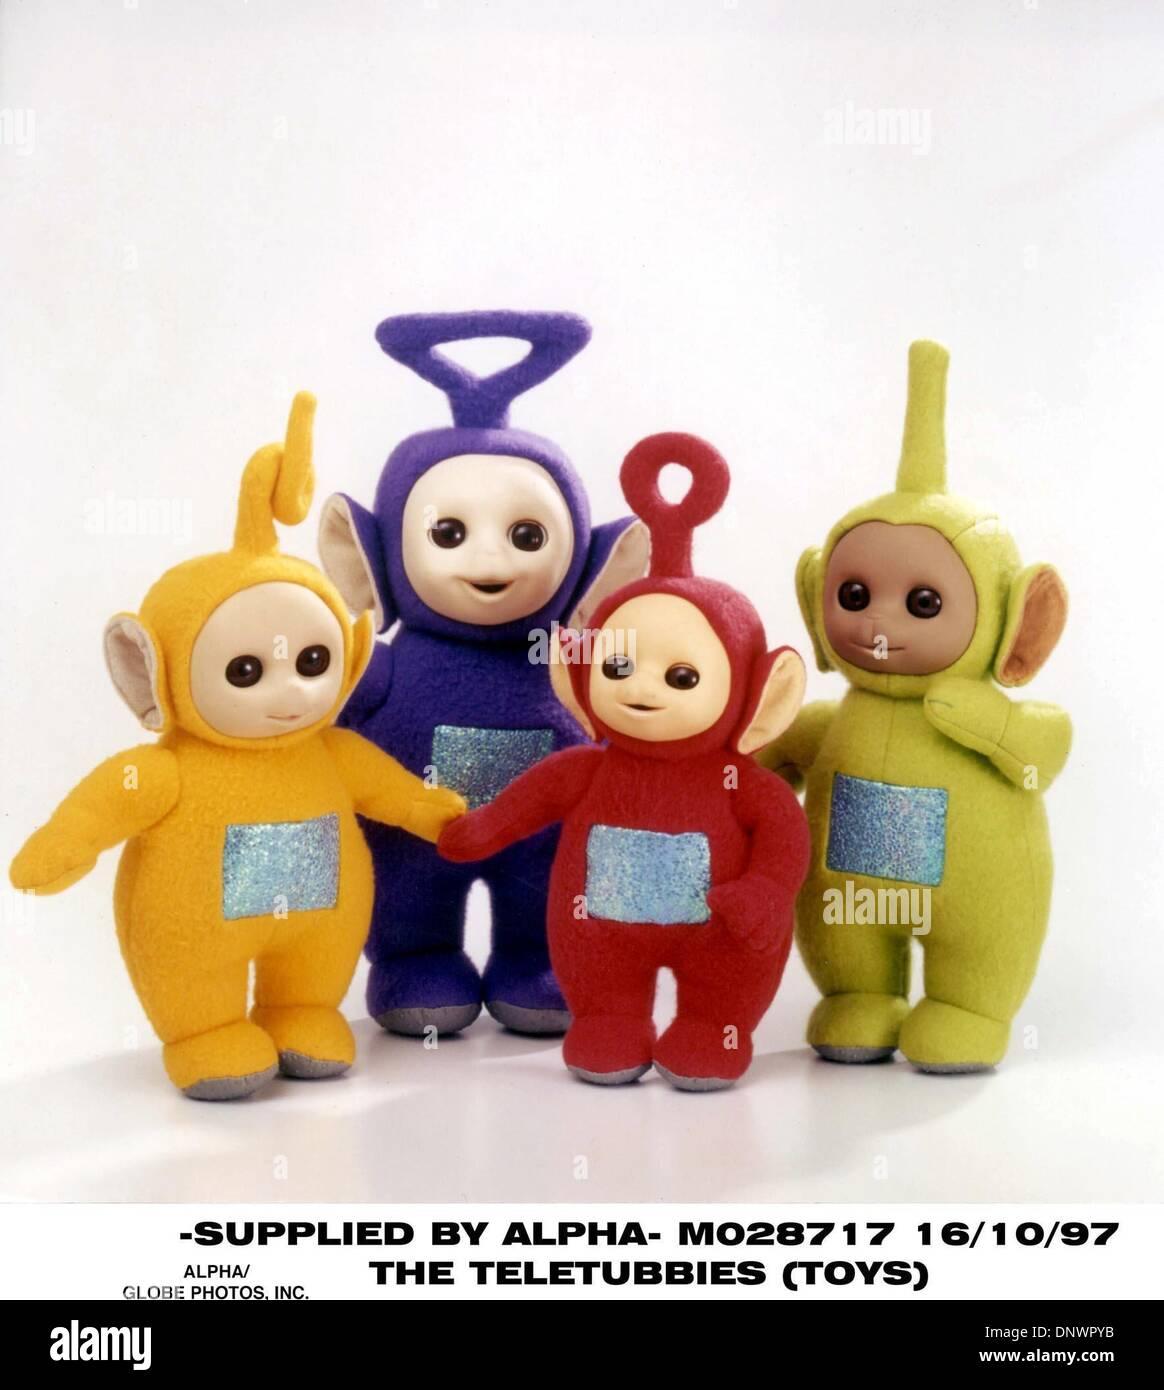 Teletubbies Toys Stockfotos & Teletubbies Toys Bilder - Alamy